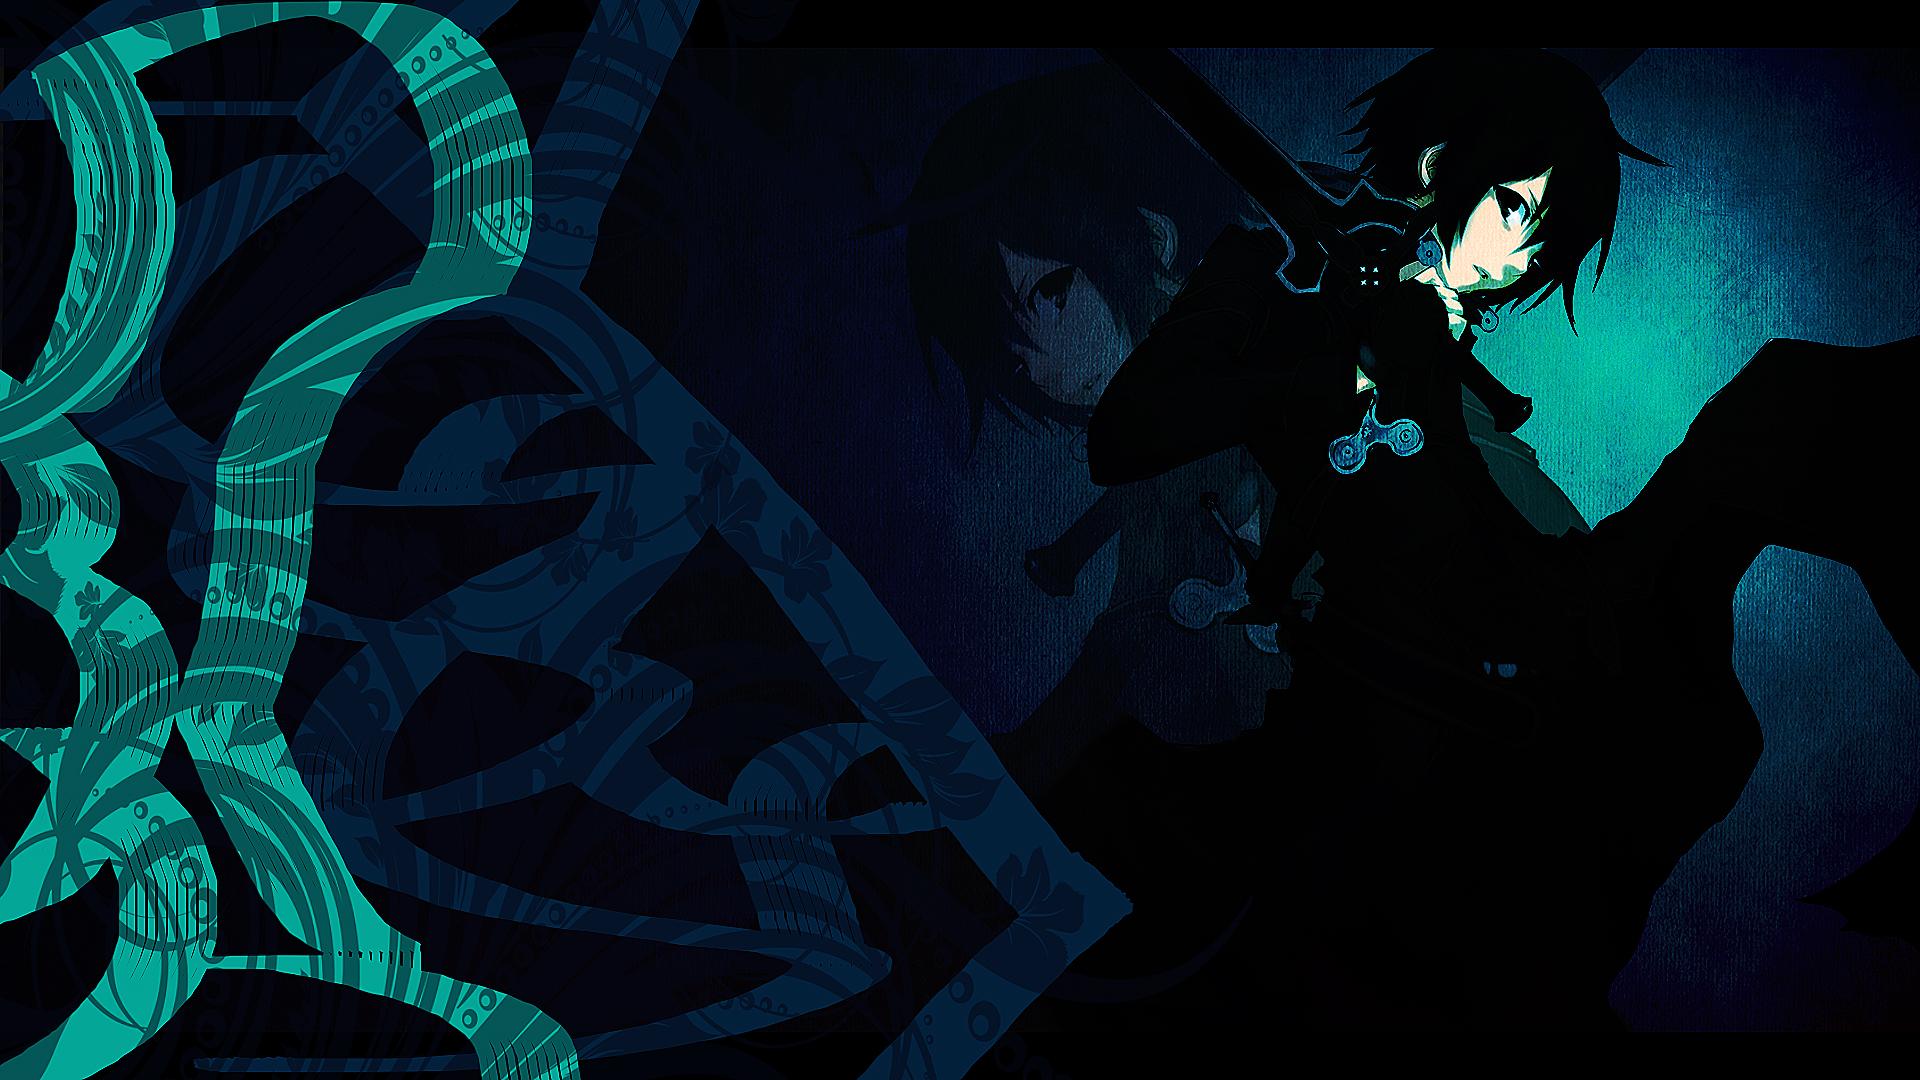 Sword Art Online Hd Wallpaper Background Image 1920x1080